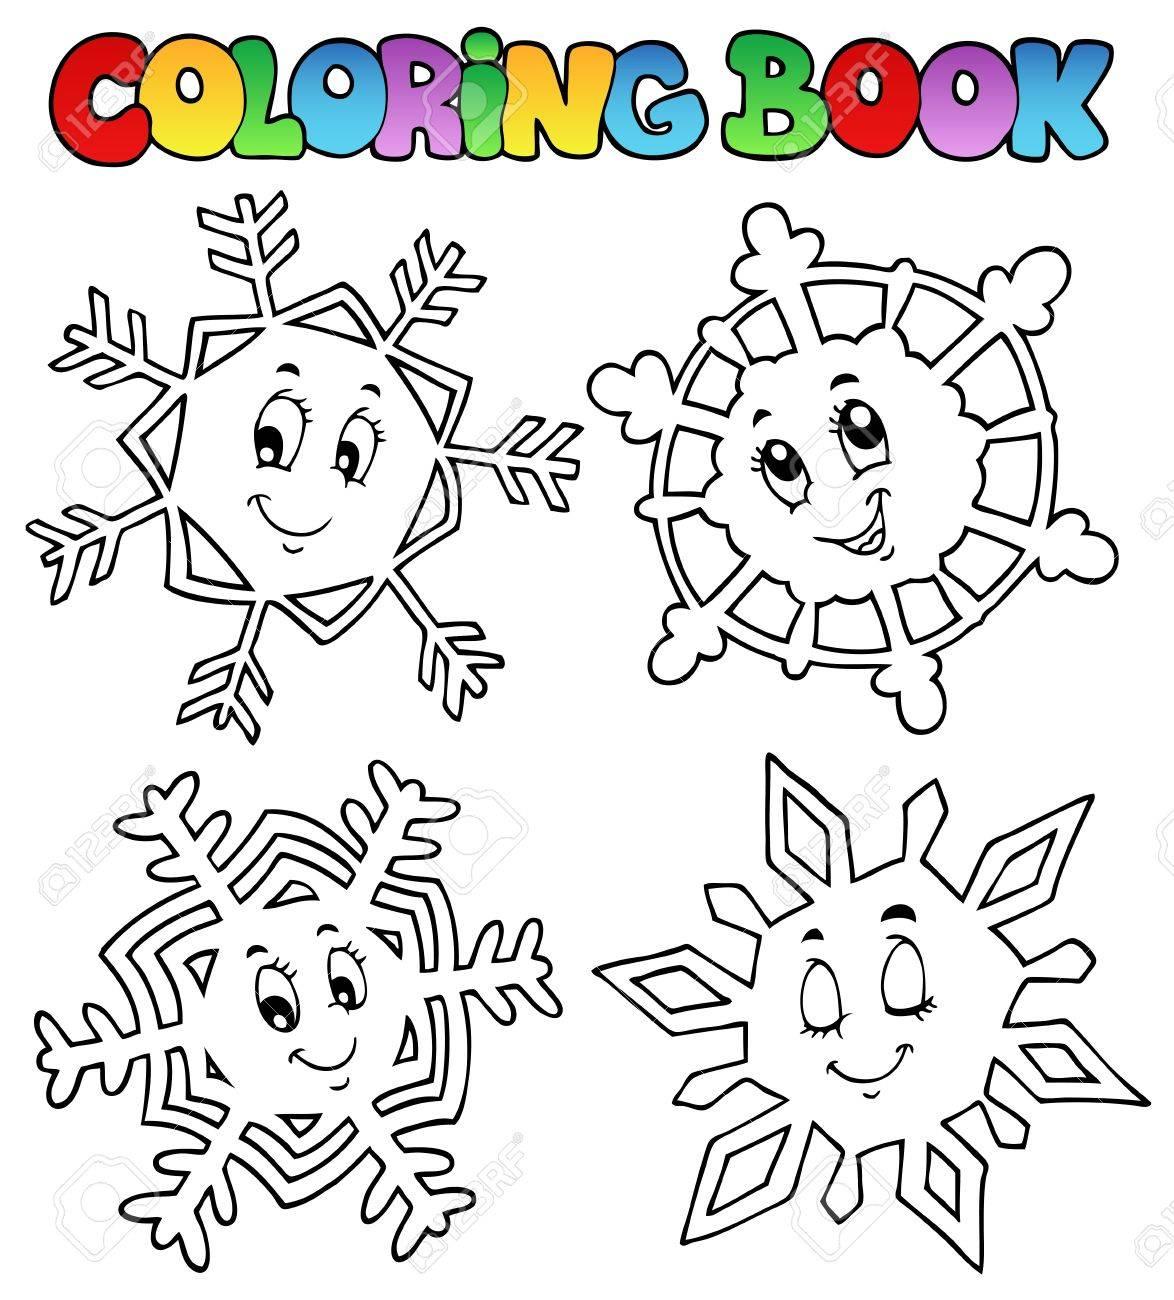 Coloriage des flocons de neige de bande dessinée livre 1 illustration vectorielle Banque d